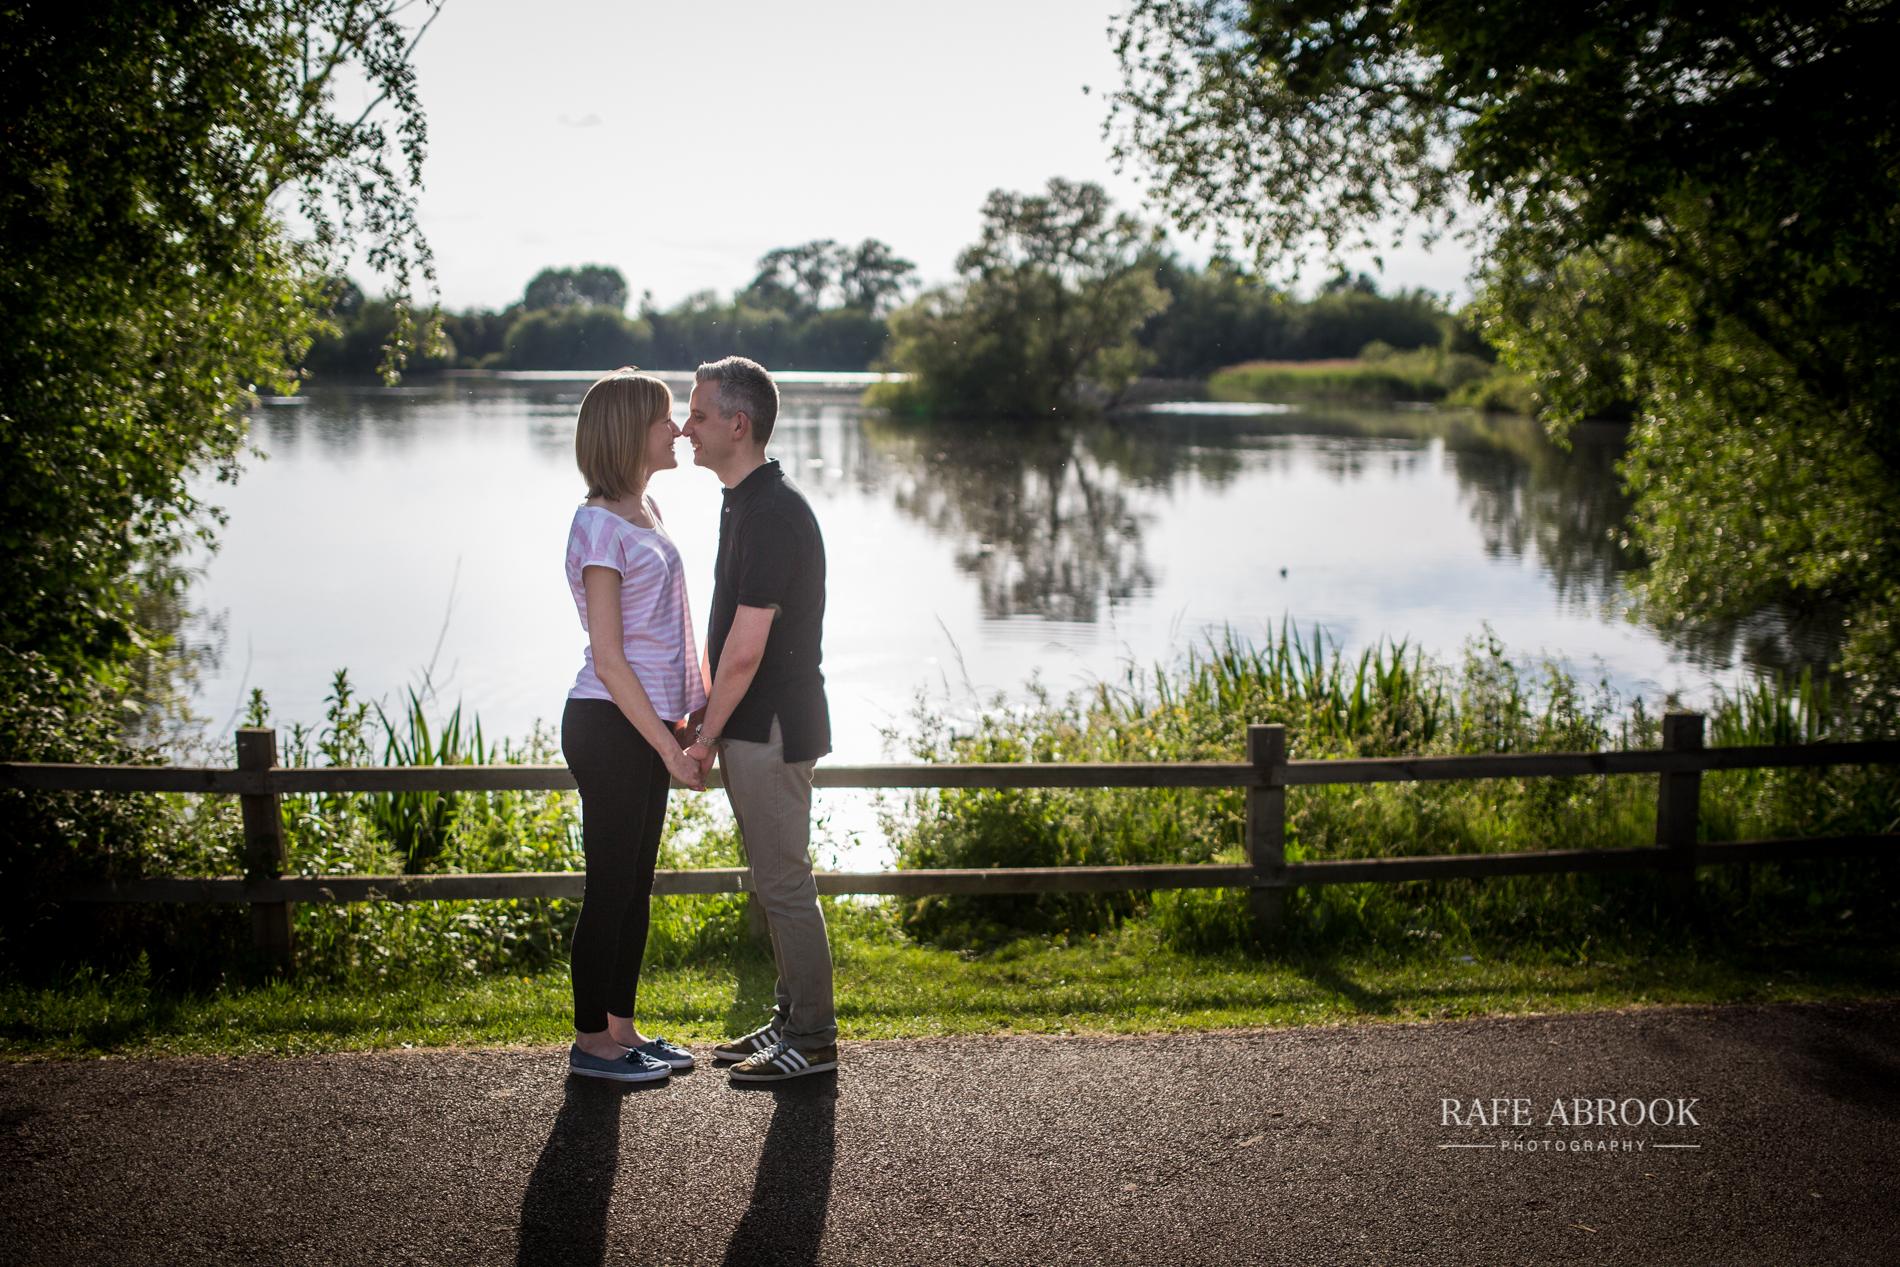 emily & andrew engagement shoot lea valley park cheshunt hertfordshire-1008.jpg